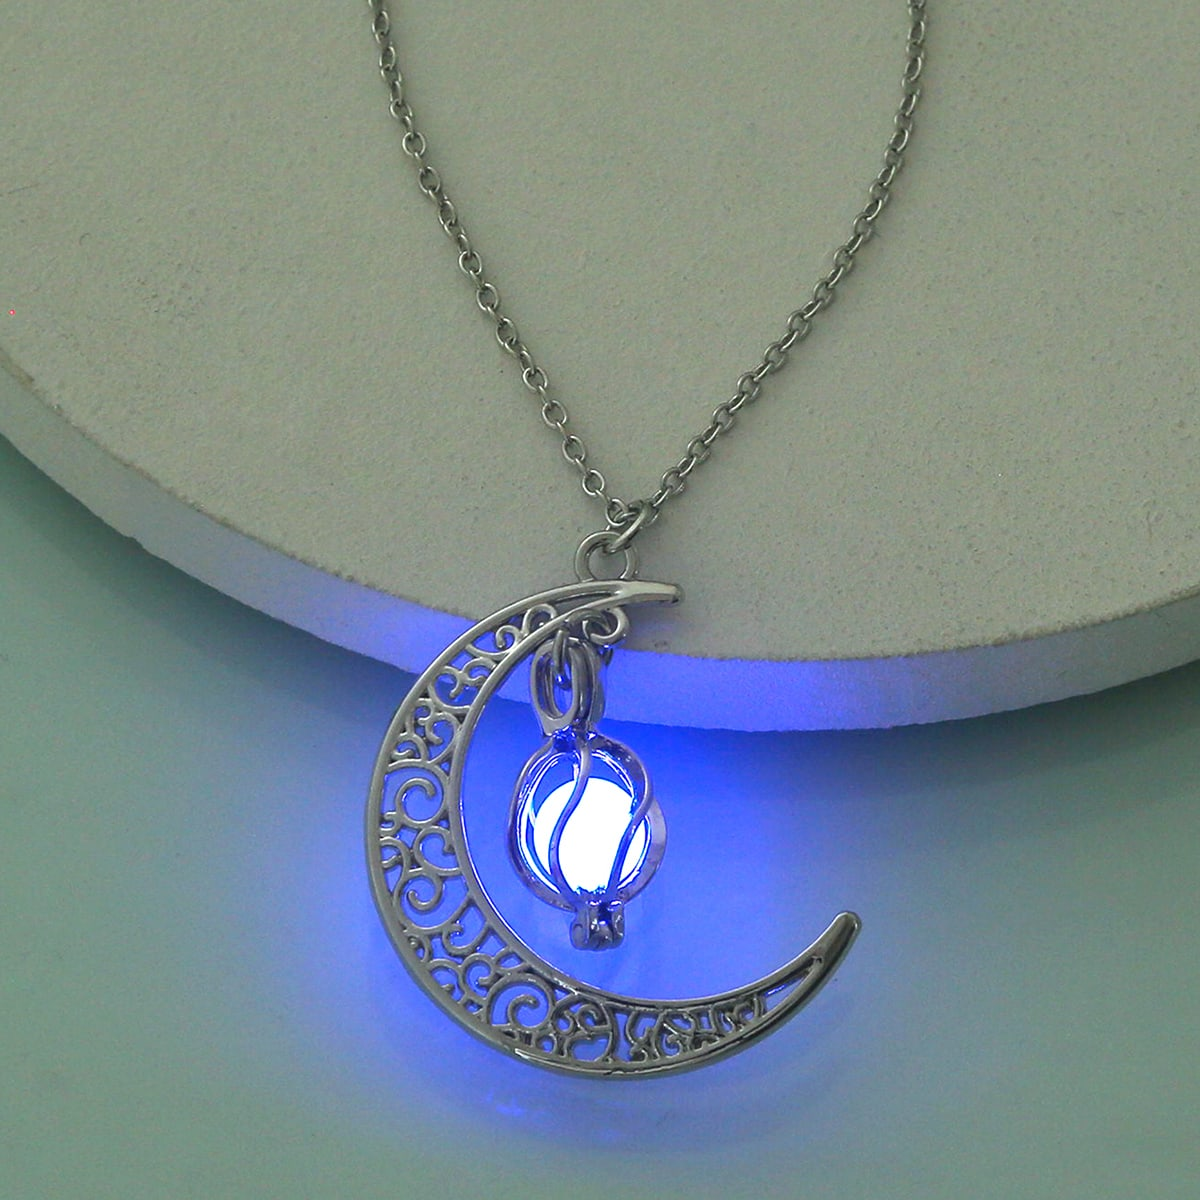 Leuchtende Halskette mit Mond Dekor